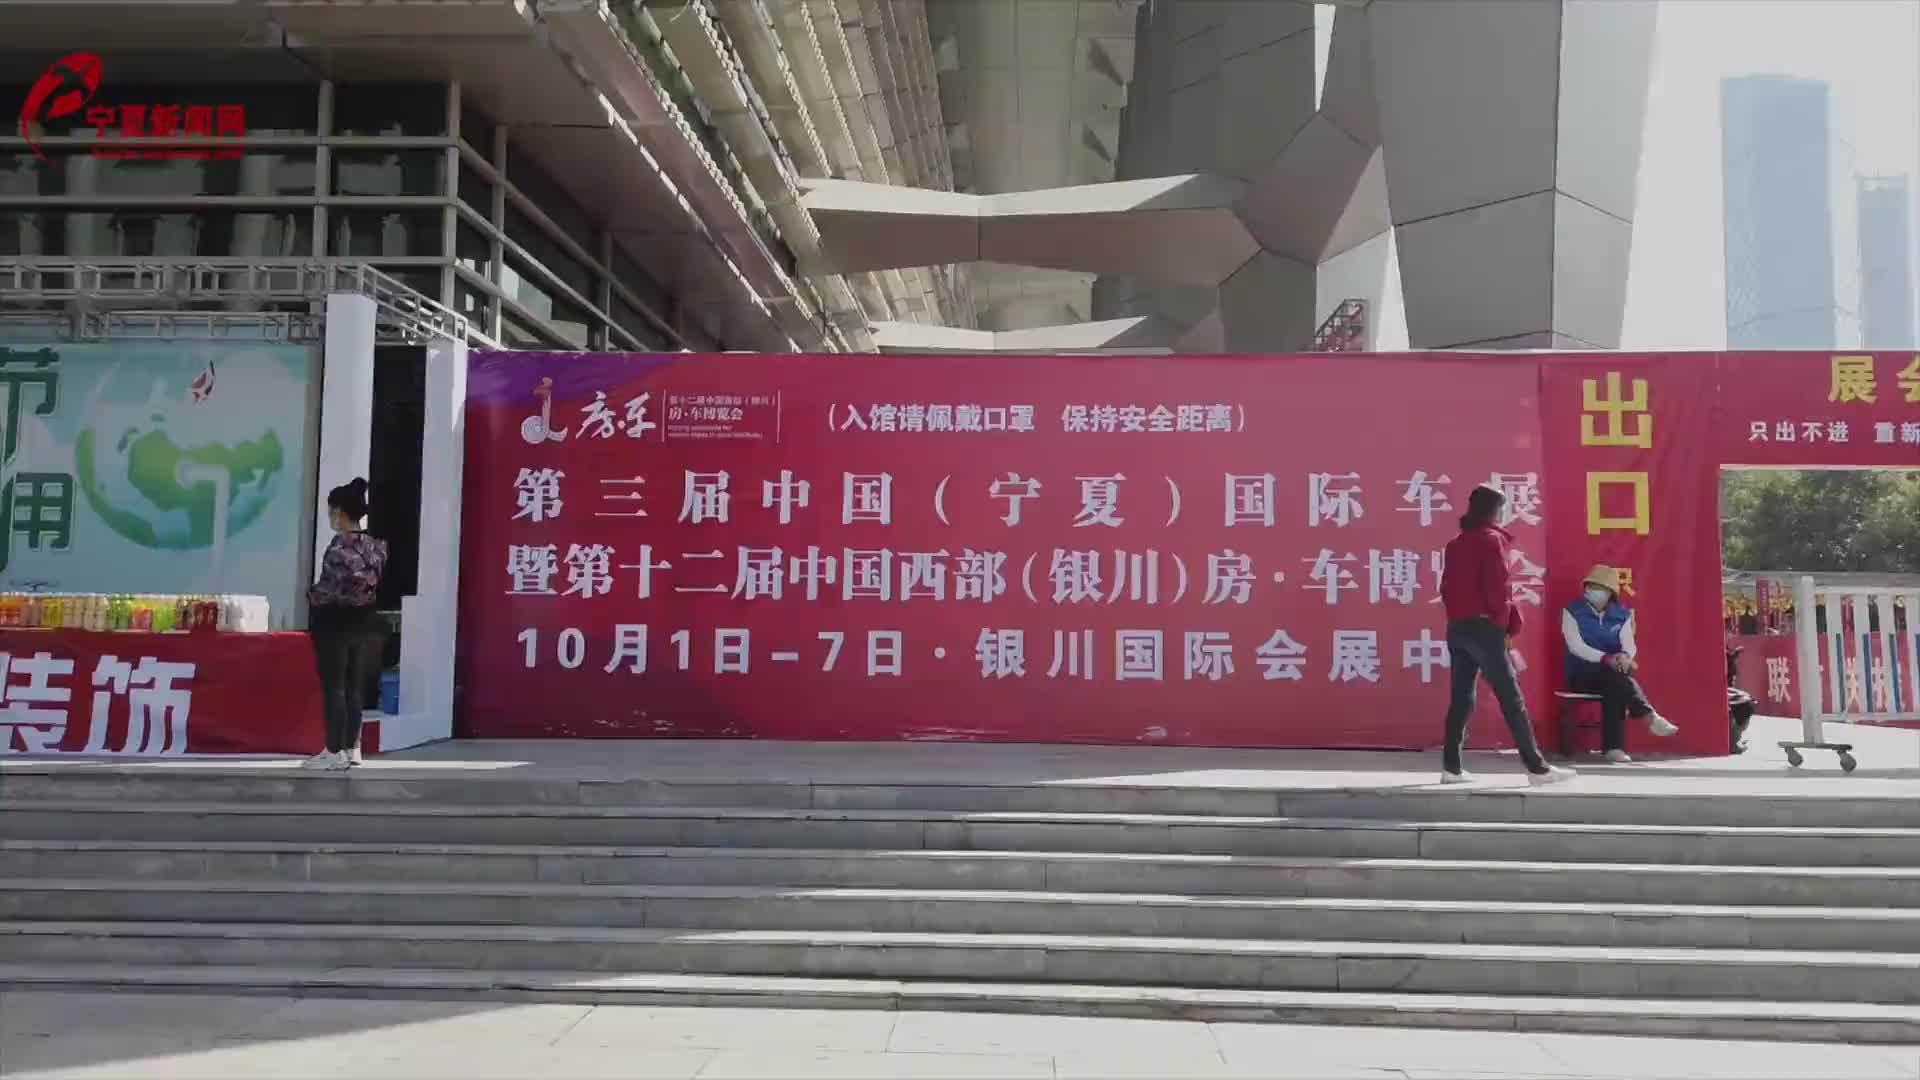 第三届中国(宁夏)国际车展开幕!全新体验绽放十一黄金周